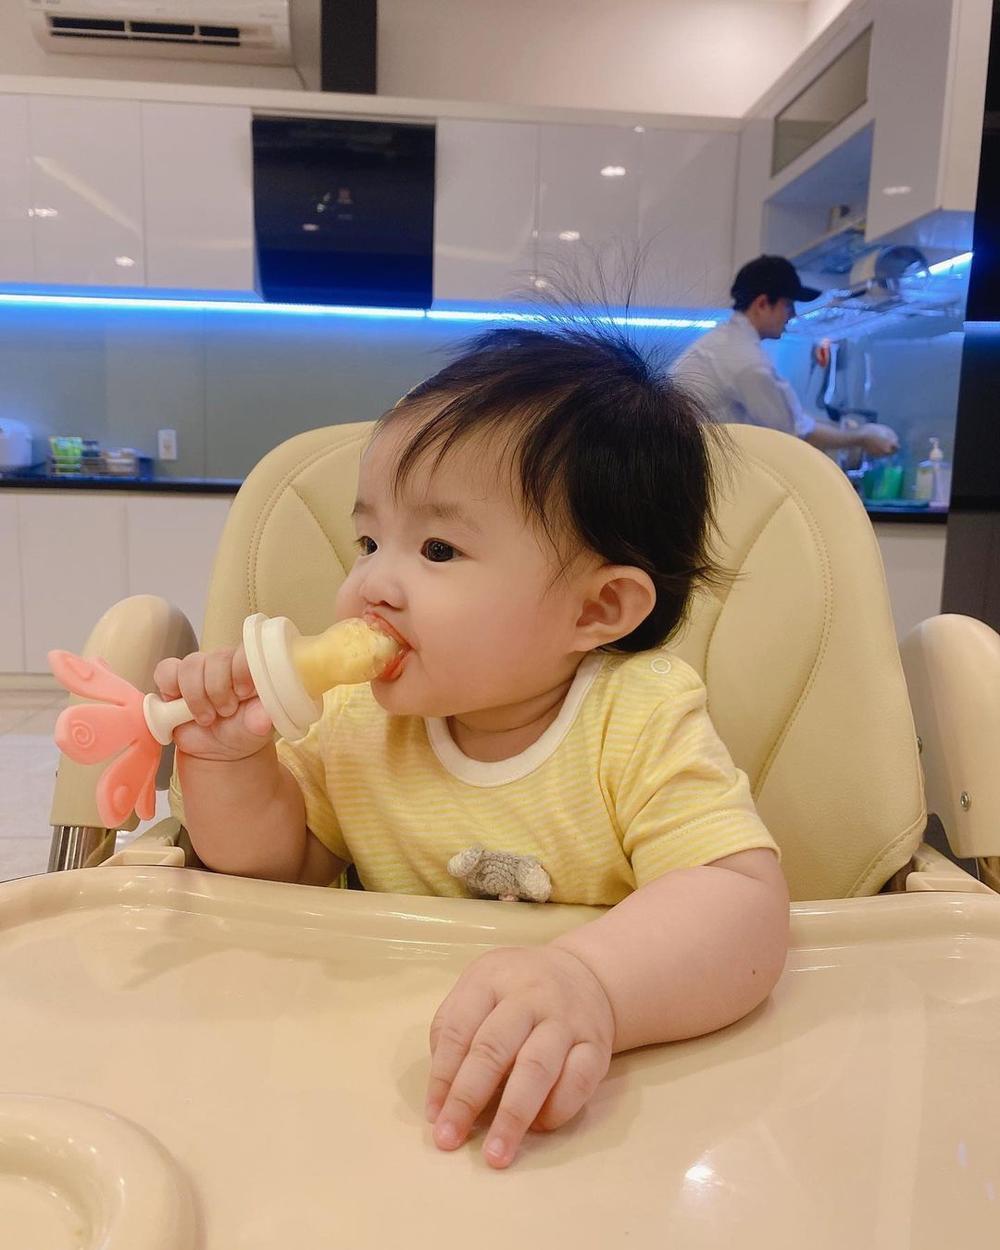 'Mẫu nhí' Winnie nhà Đông Nhi - Ông Cao Thắng trộm vía siêu đáng yêu: 'Con muốn ăn cả thế giới' Ảnh 3